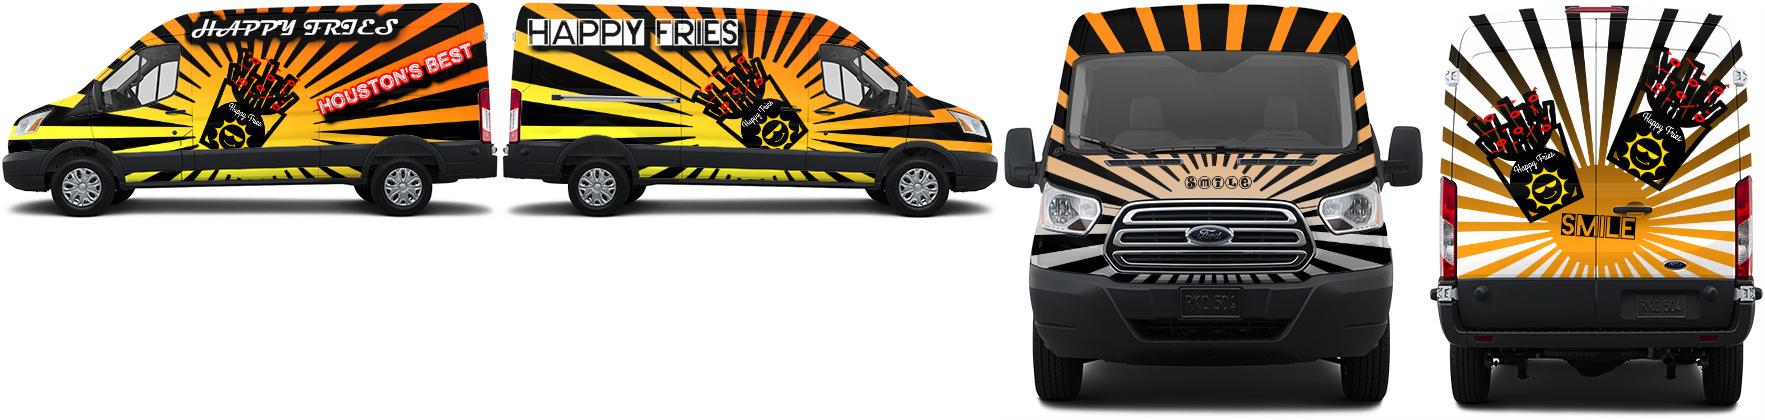 Transit Van Wrap #49715